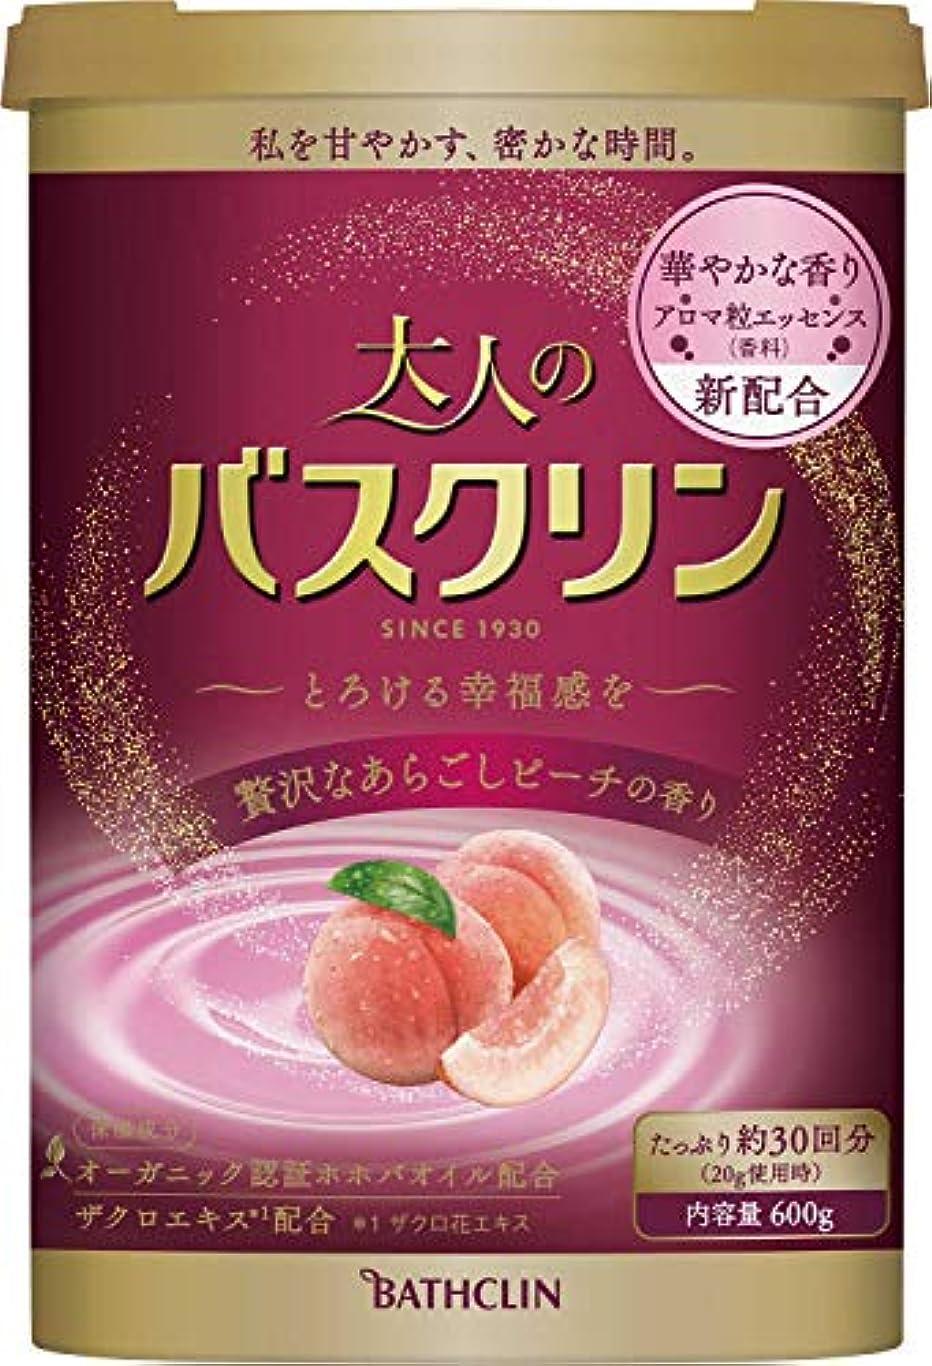 大人のバスクリン入浴剤 贅沢なあらごしピーチの香り入浴剤(約30回分)